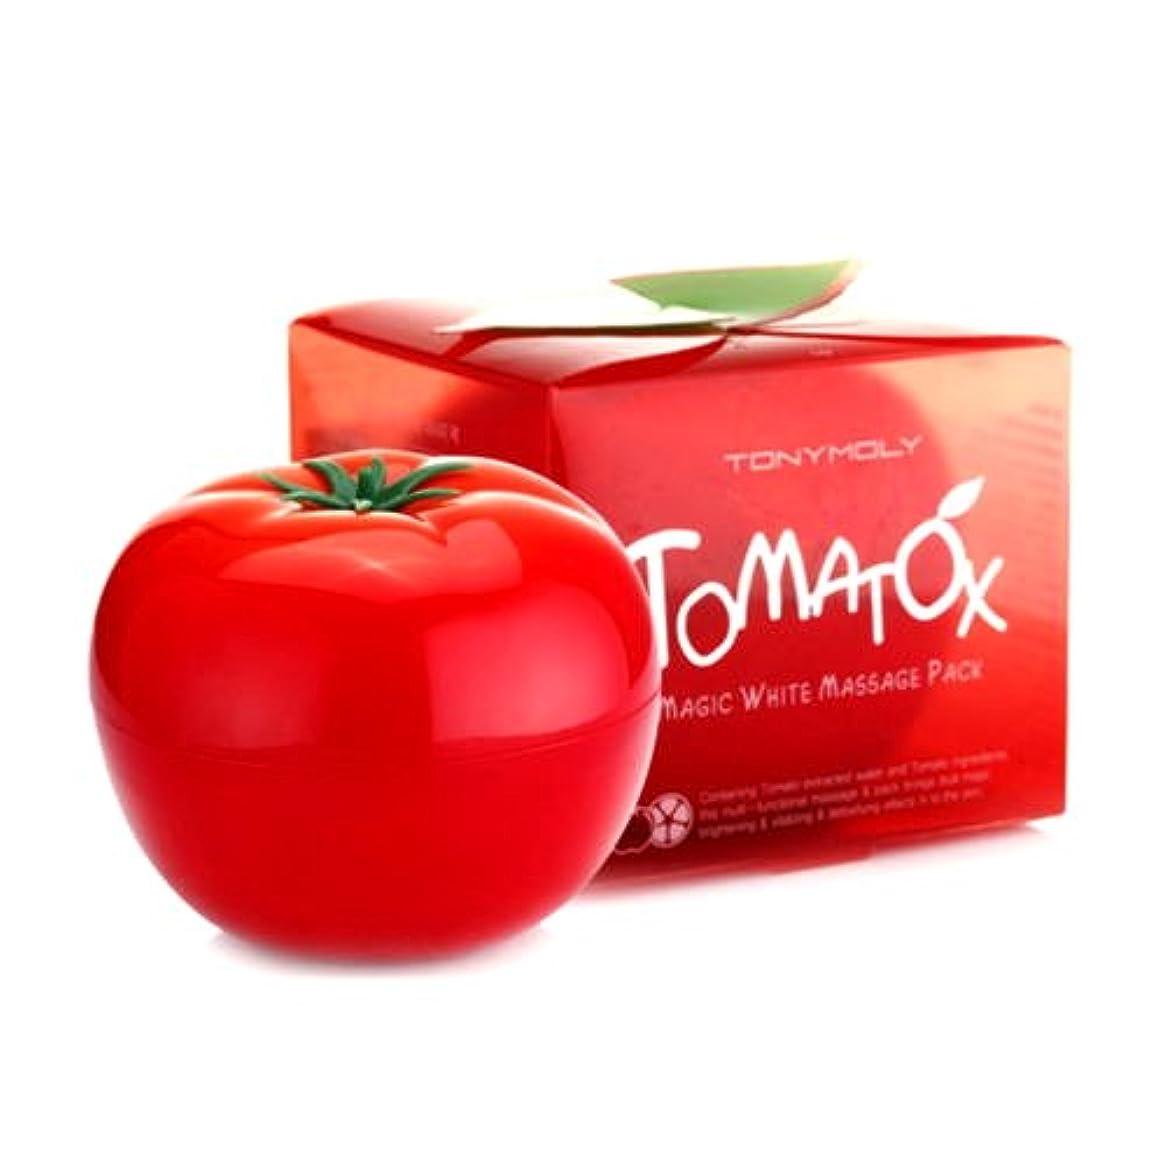 ファーザーファージュ不良木製(6 Pack) TONYMOLY Tomatox Magic Massage Pack (並行輸入品)